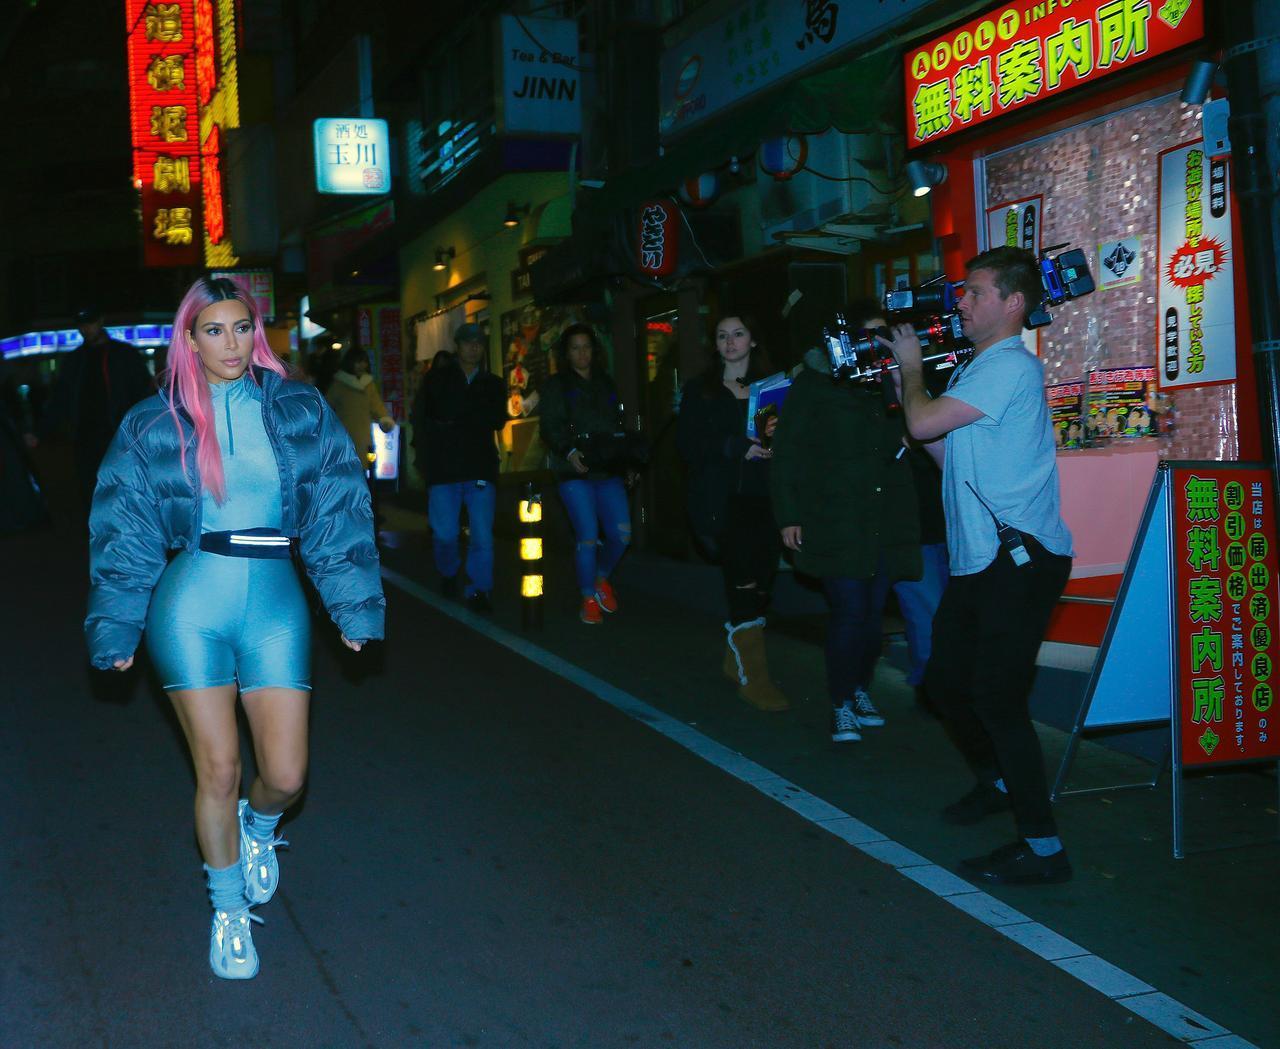 画像: 渋谷を歩きまわるキム・カーダシアンご一行。カメラクルーを従えていただけに、目立ちまくっていた。